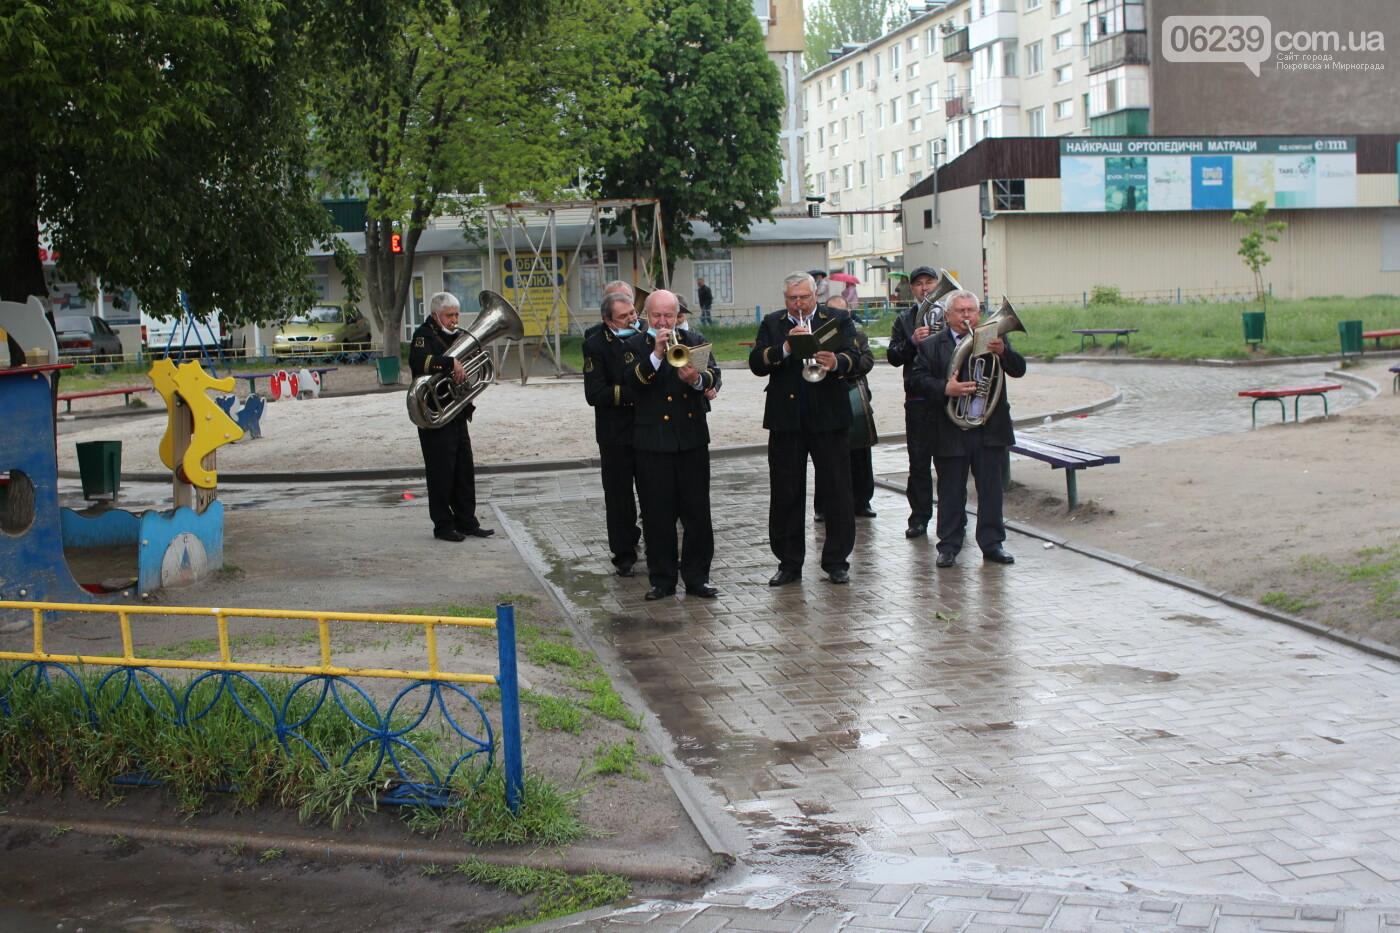 В Мирнограде отметили День победы над нацизмом, фото-7